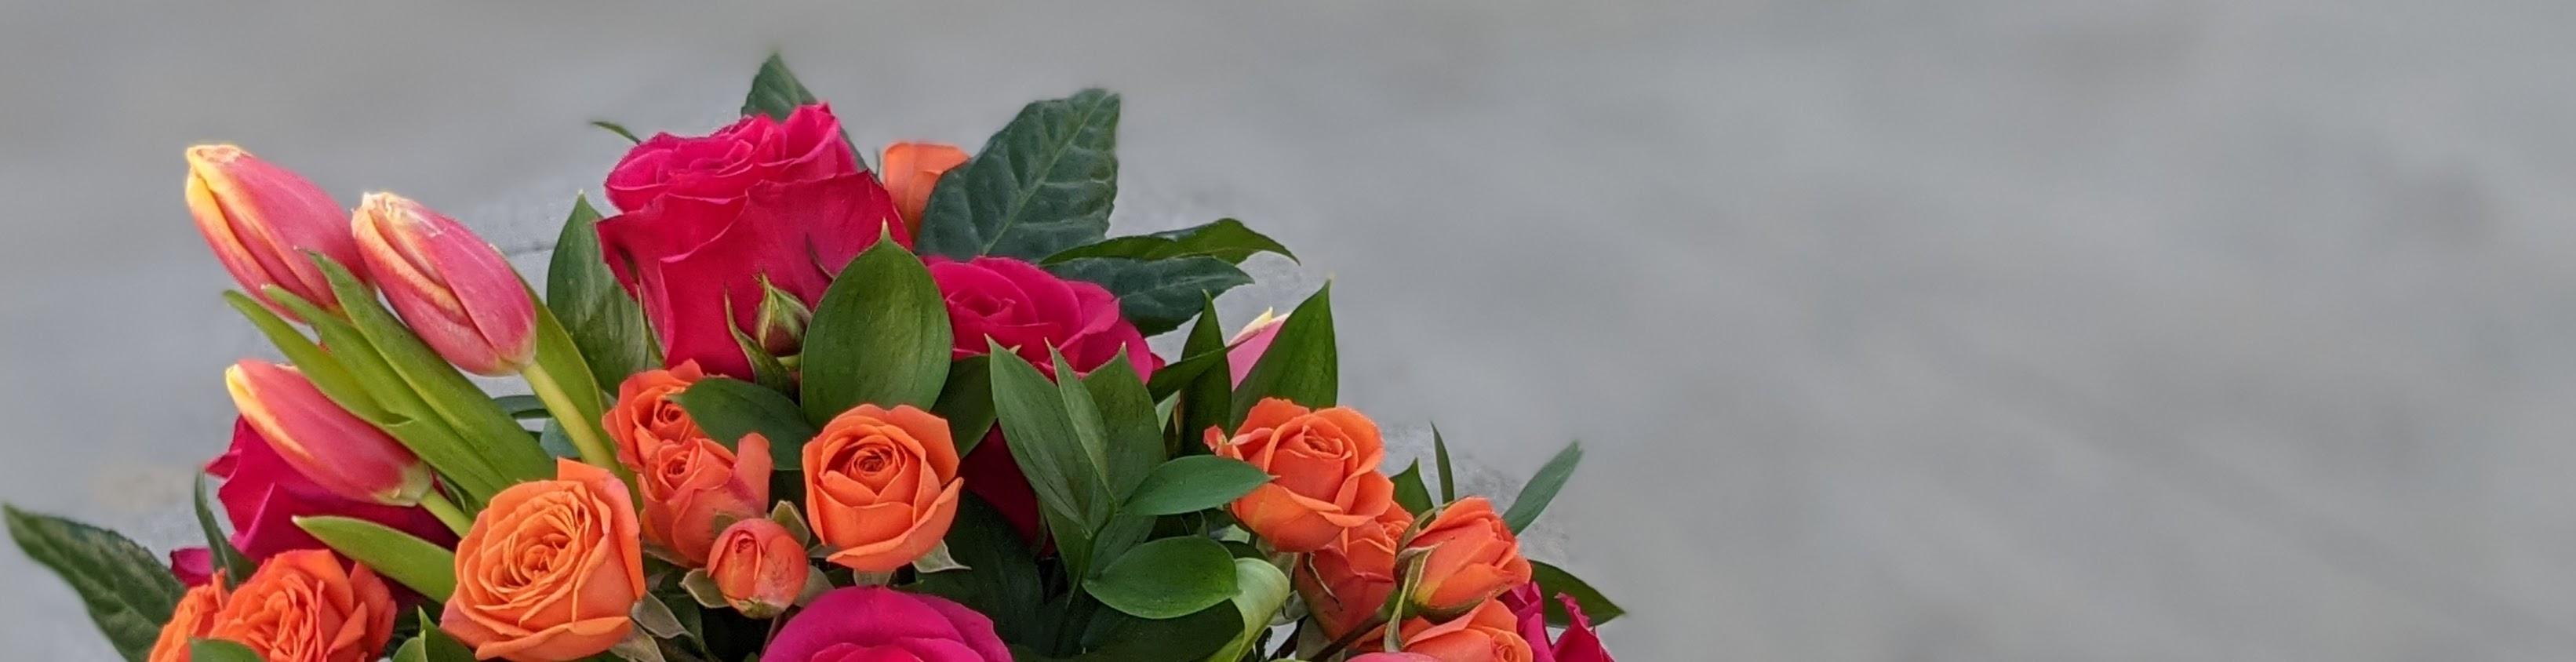 Online Floral Design Classes